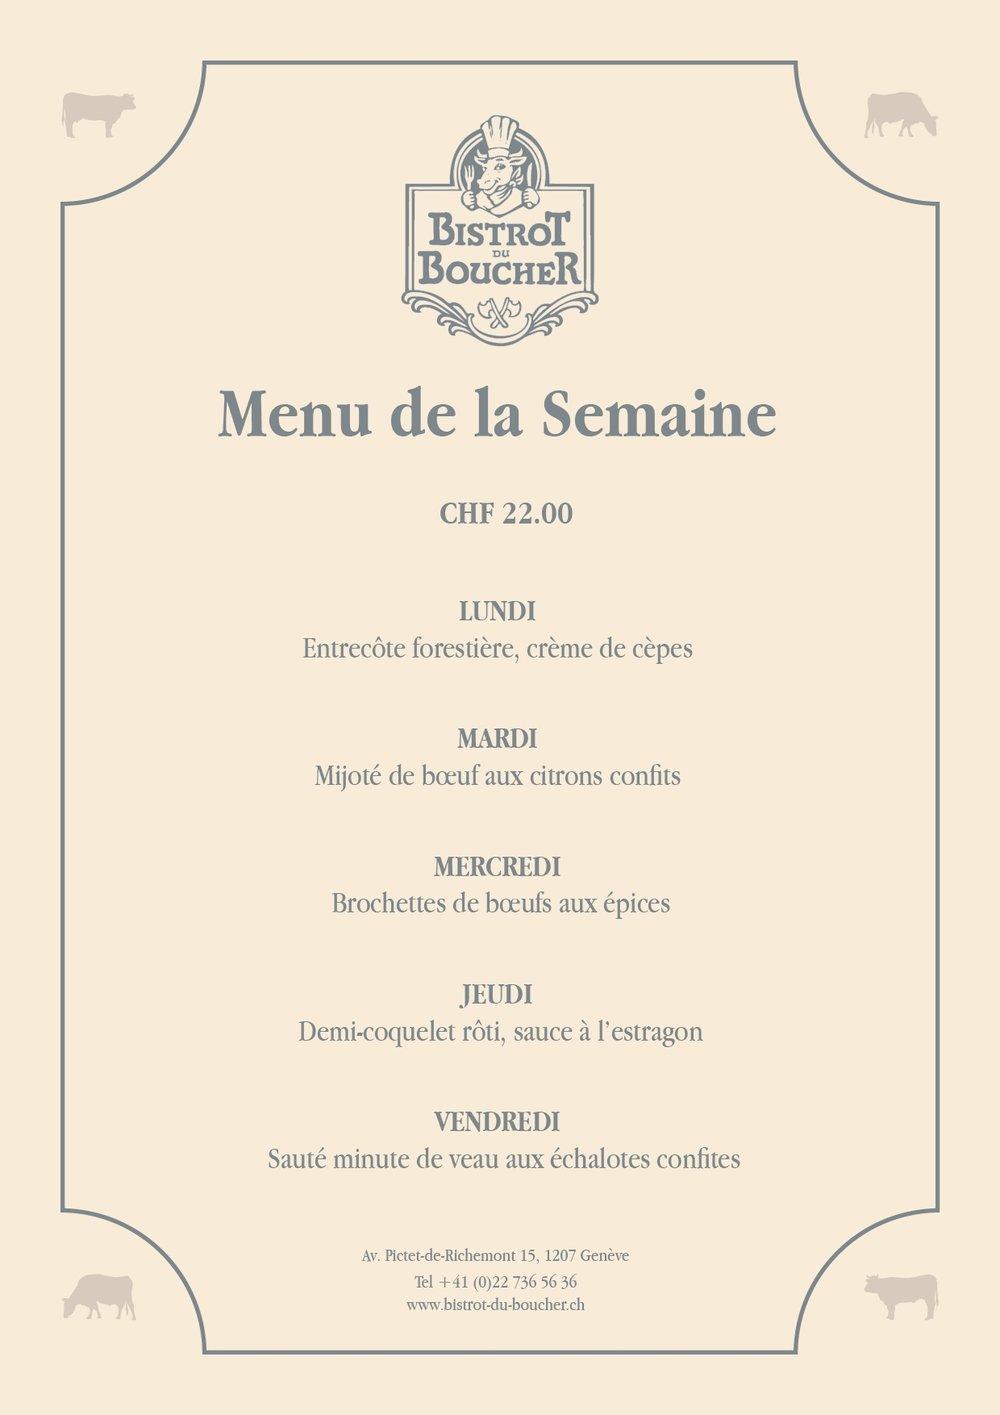 Bistrot du Boucher- Menu semaine 48.jpg